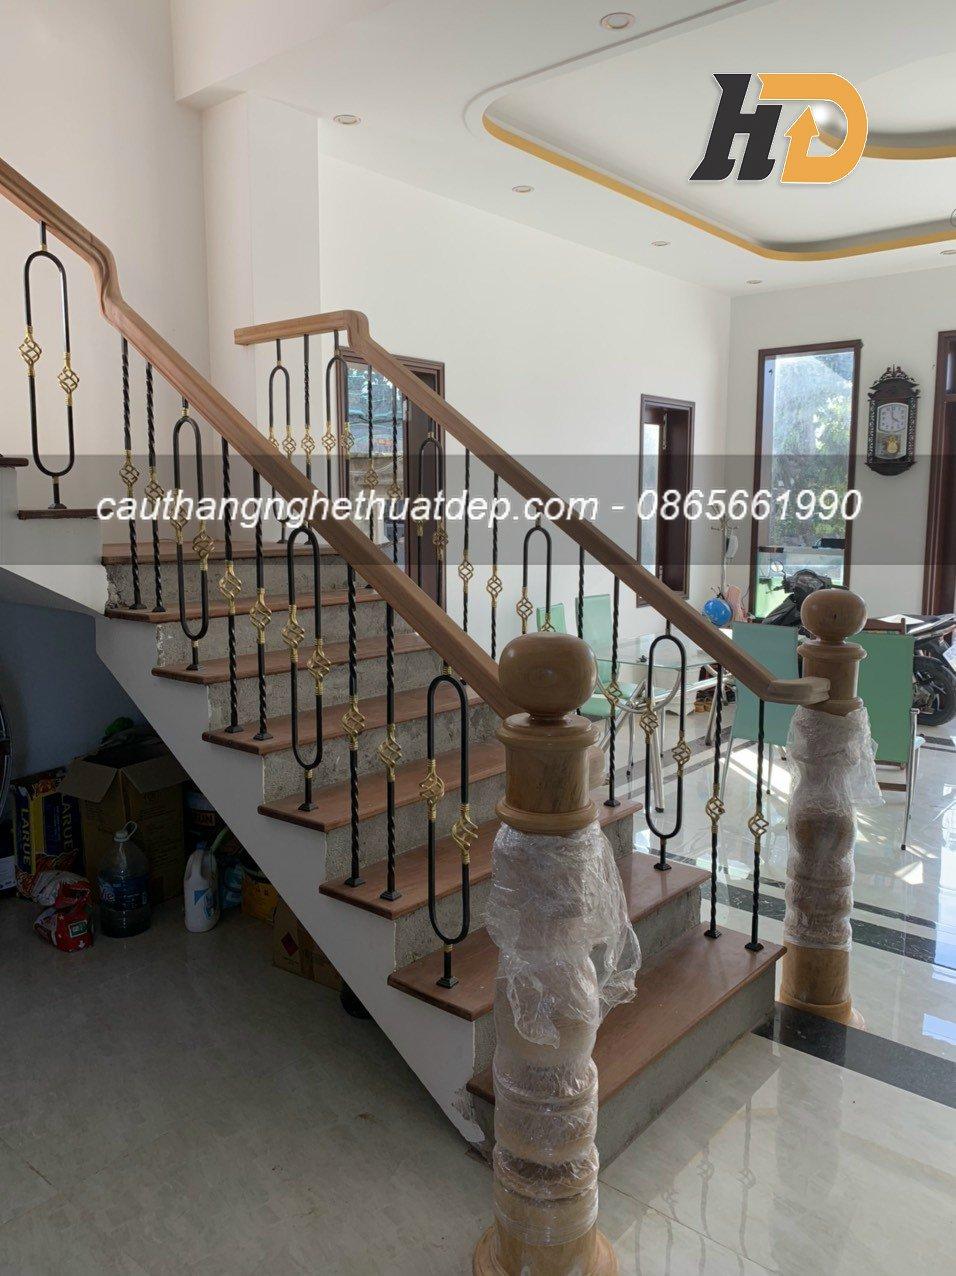 Mẫu cầu thang sắt nghệ thuật 21